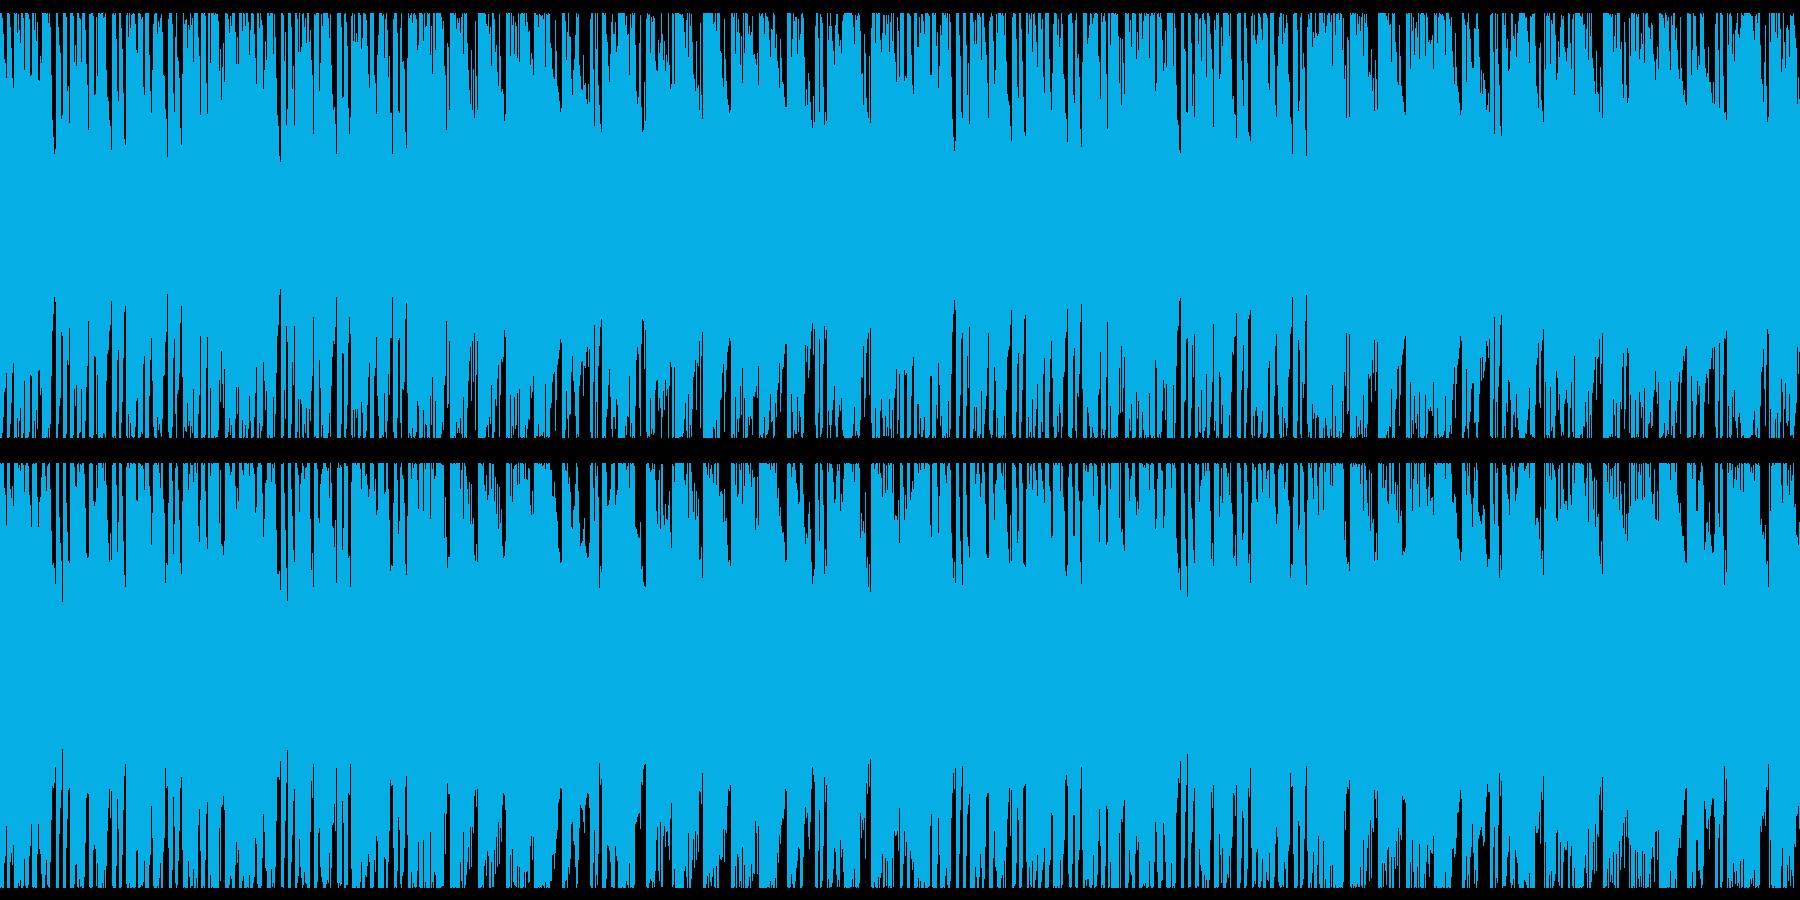 クリスマス・冬にピッタリの日常BGM-Uの再生済みの波形